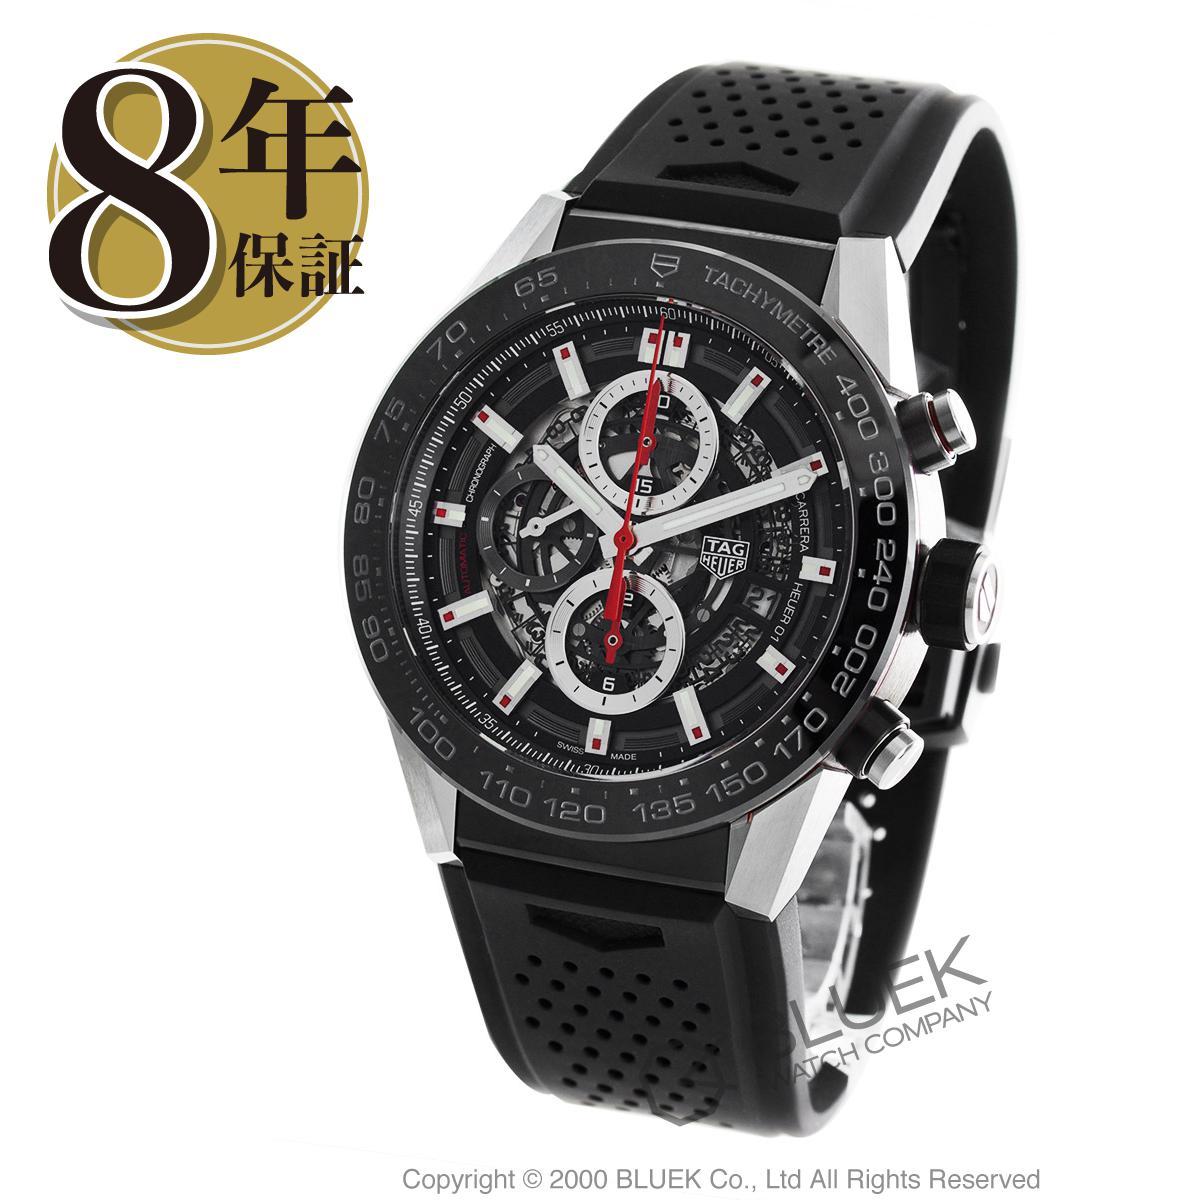 タグホイヤー カレラ ホイヤー01 クロノグラフ 腕時計 メンズ TAG Heuer CAR2A1Z.FT6044_8 バーゲン ギフト プレゼント